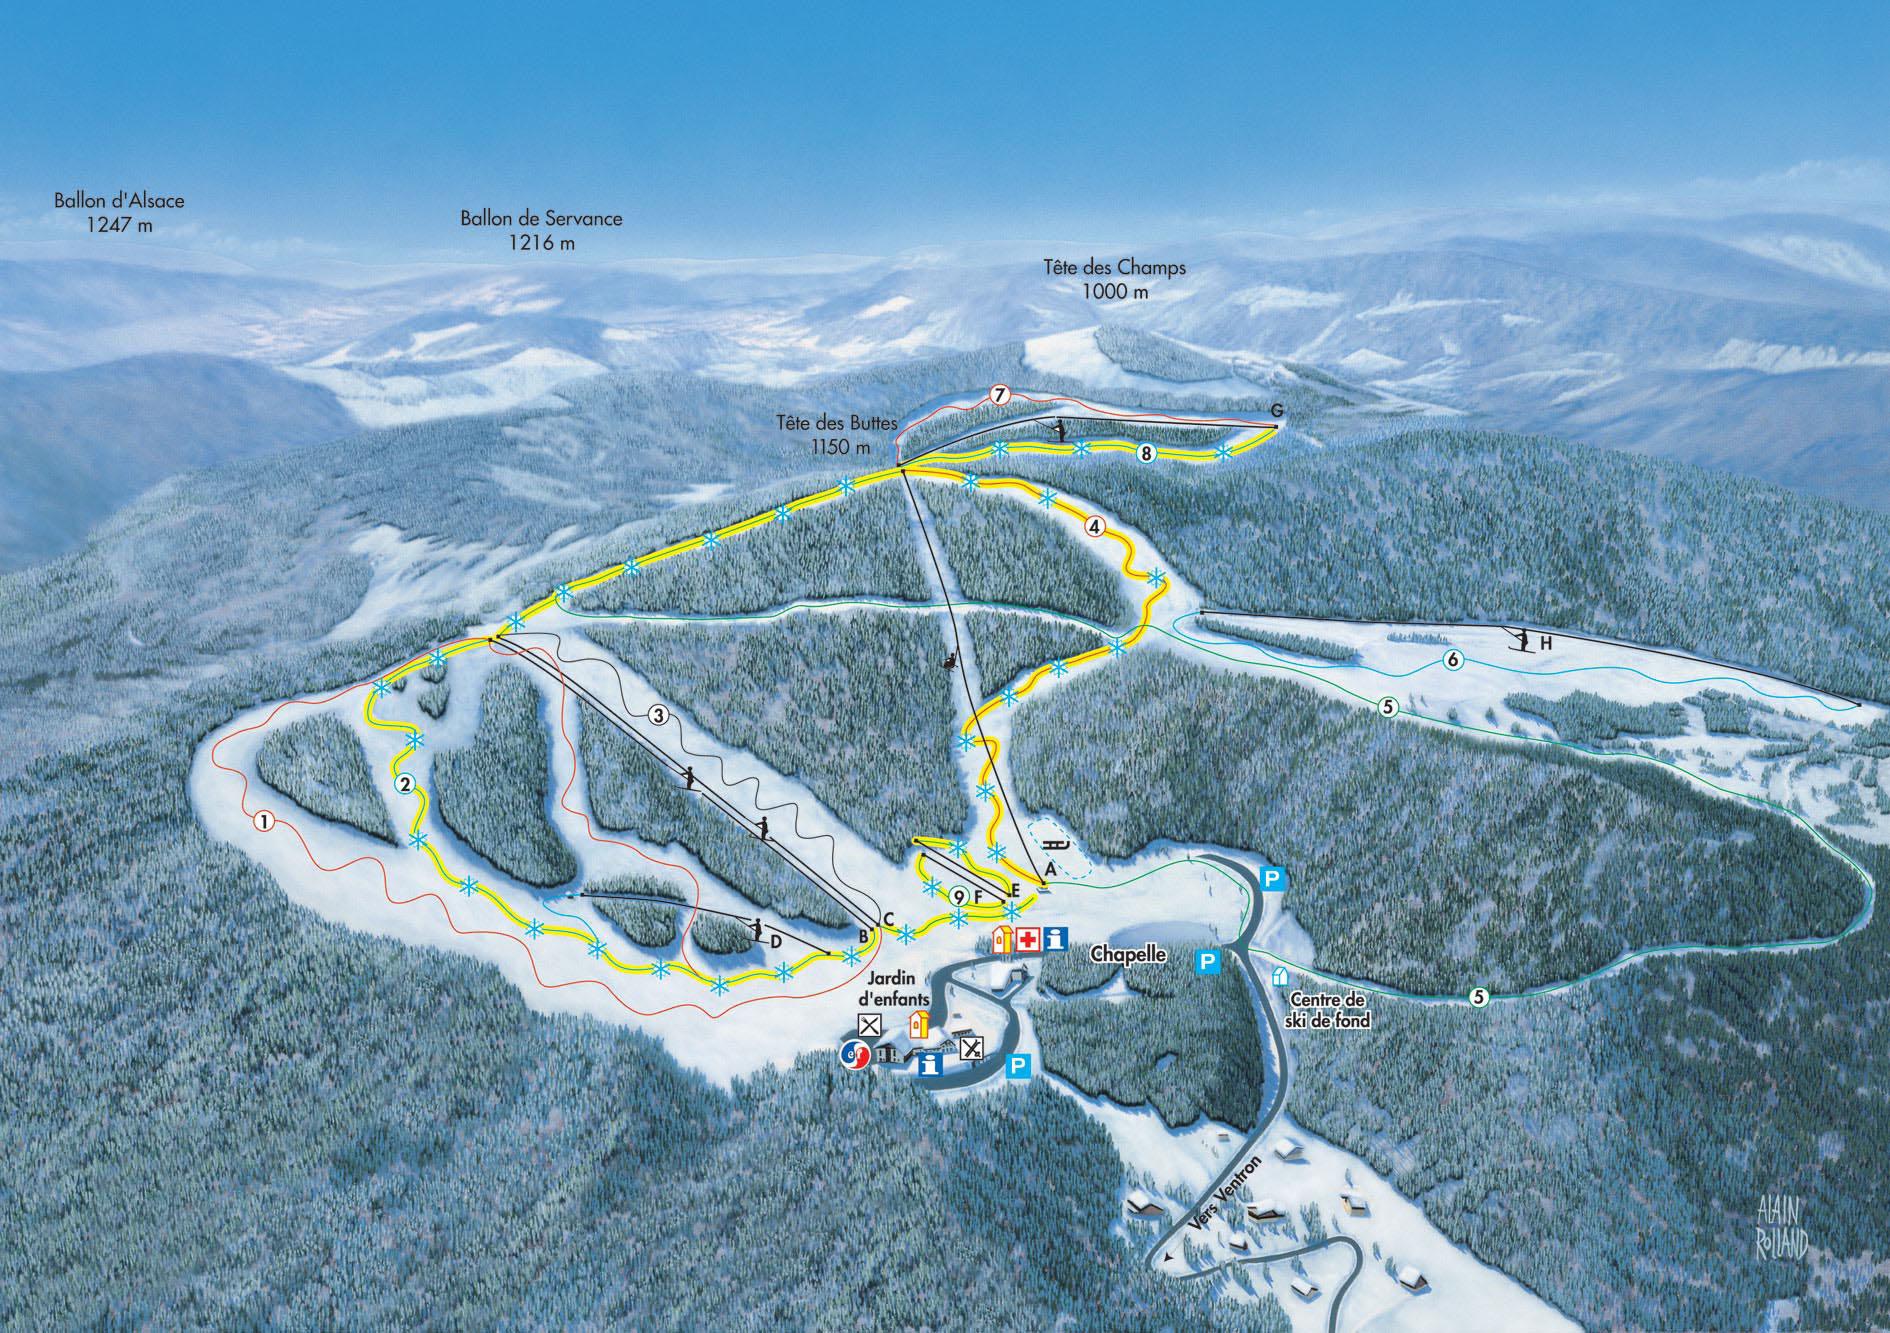 Station de ski ventron vosges vosges vacances - Office de tourisme ventron ...